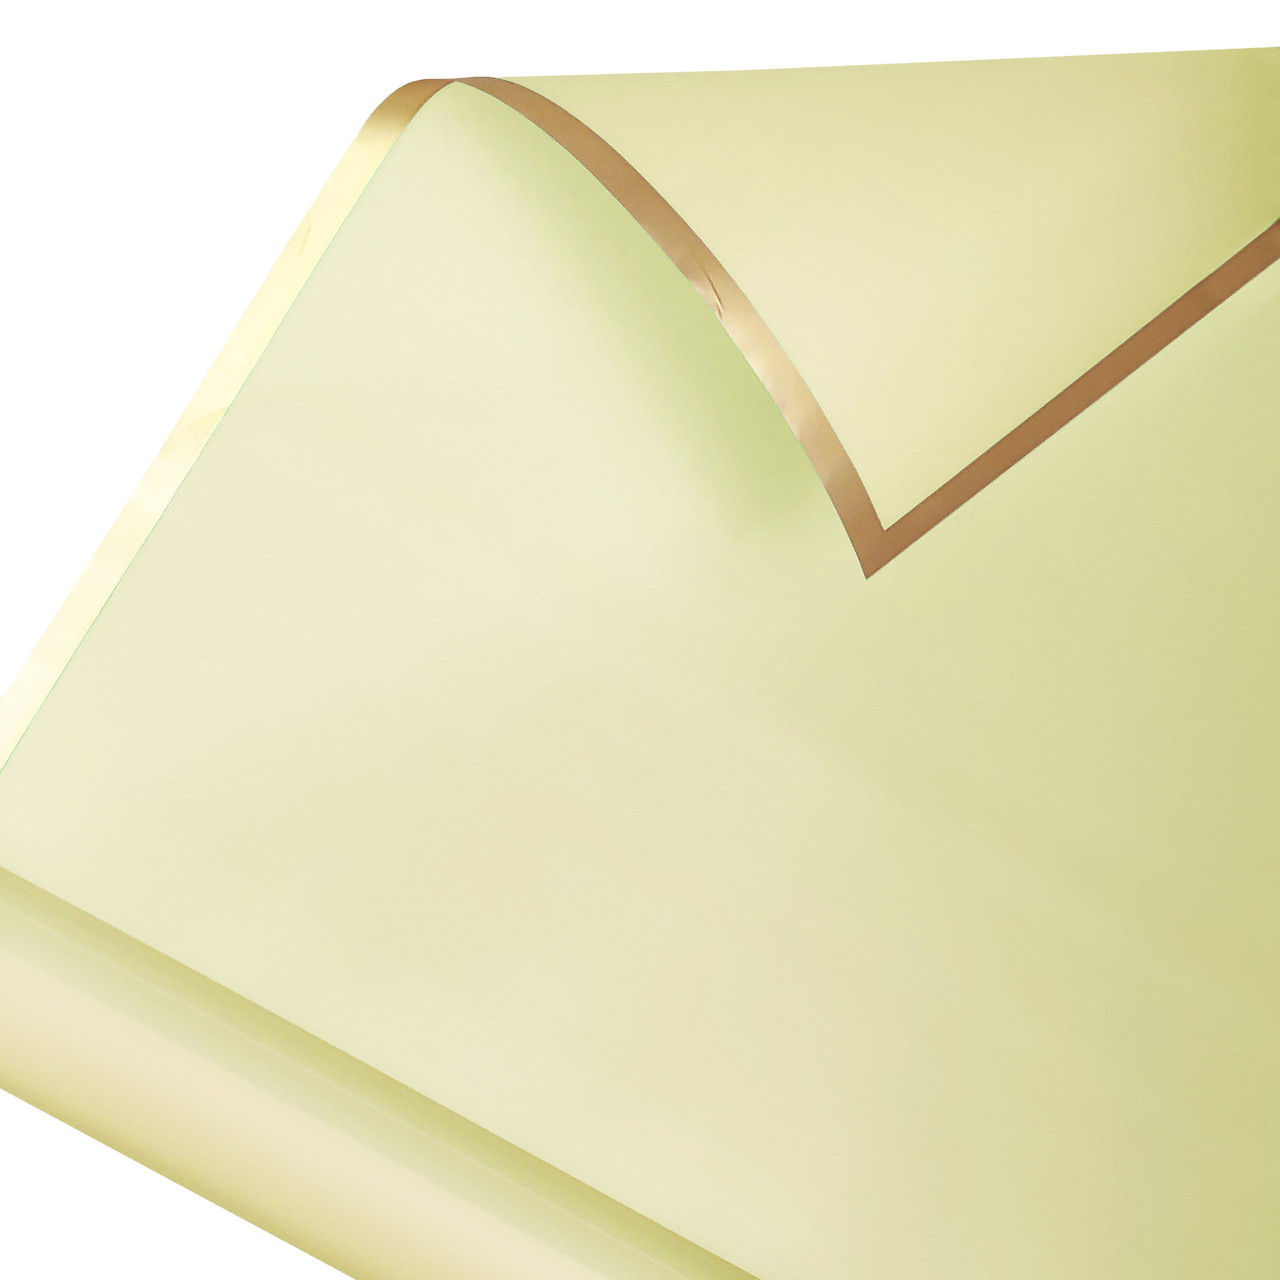 Калька золотой кант в рулоне айвори 60*60 см (15 рамок)